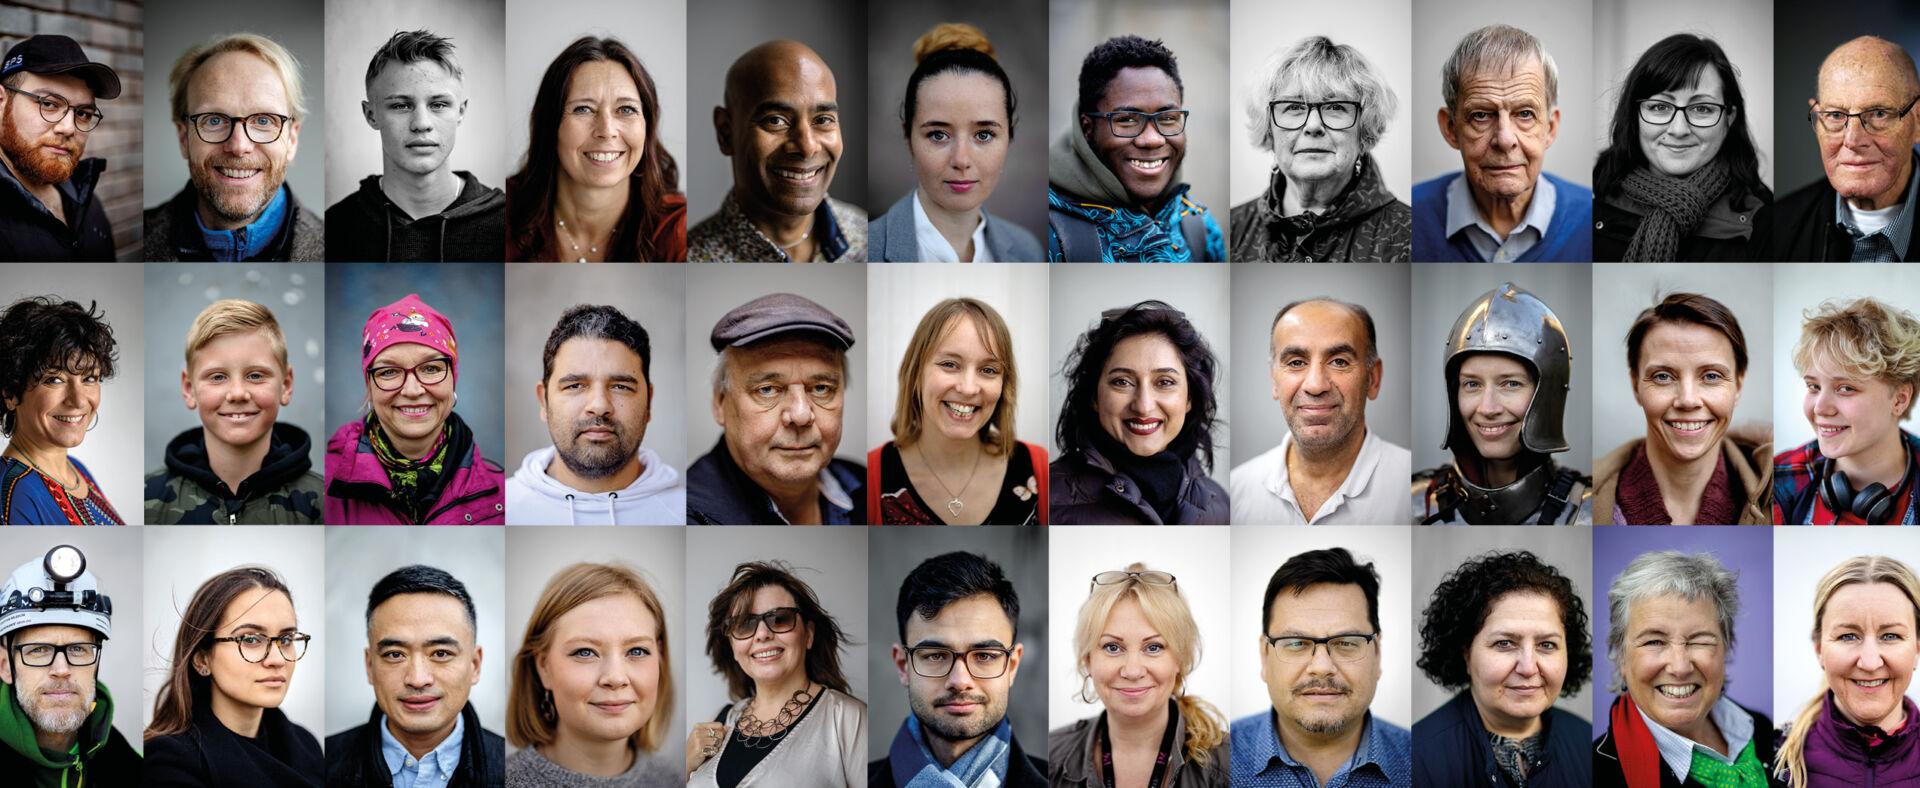 Ett collage av ansikten av göteborgare som deltagit i projektet Göteborg berättar